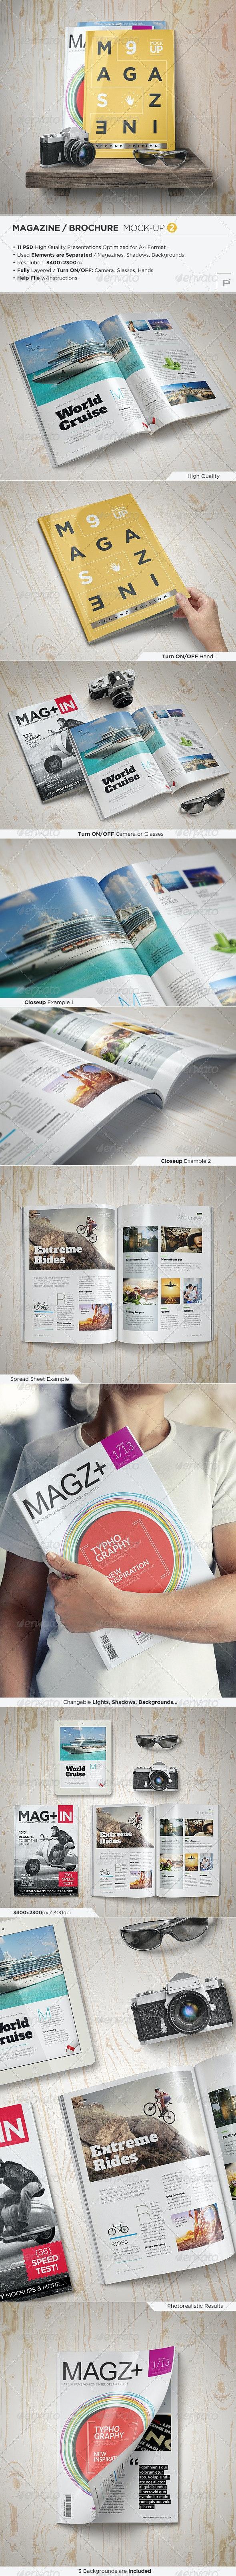 Magazine Mock-Up Set - 2 - Magazines Print